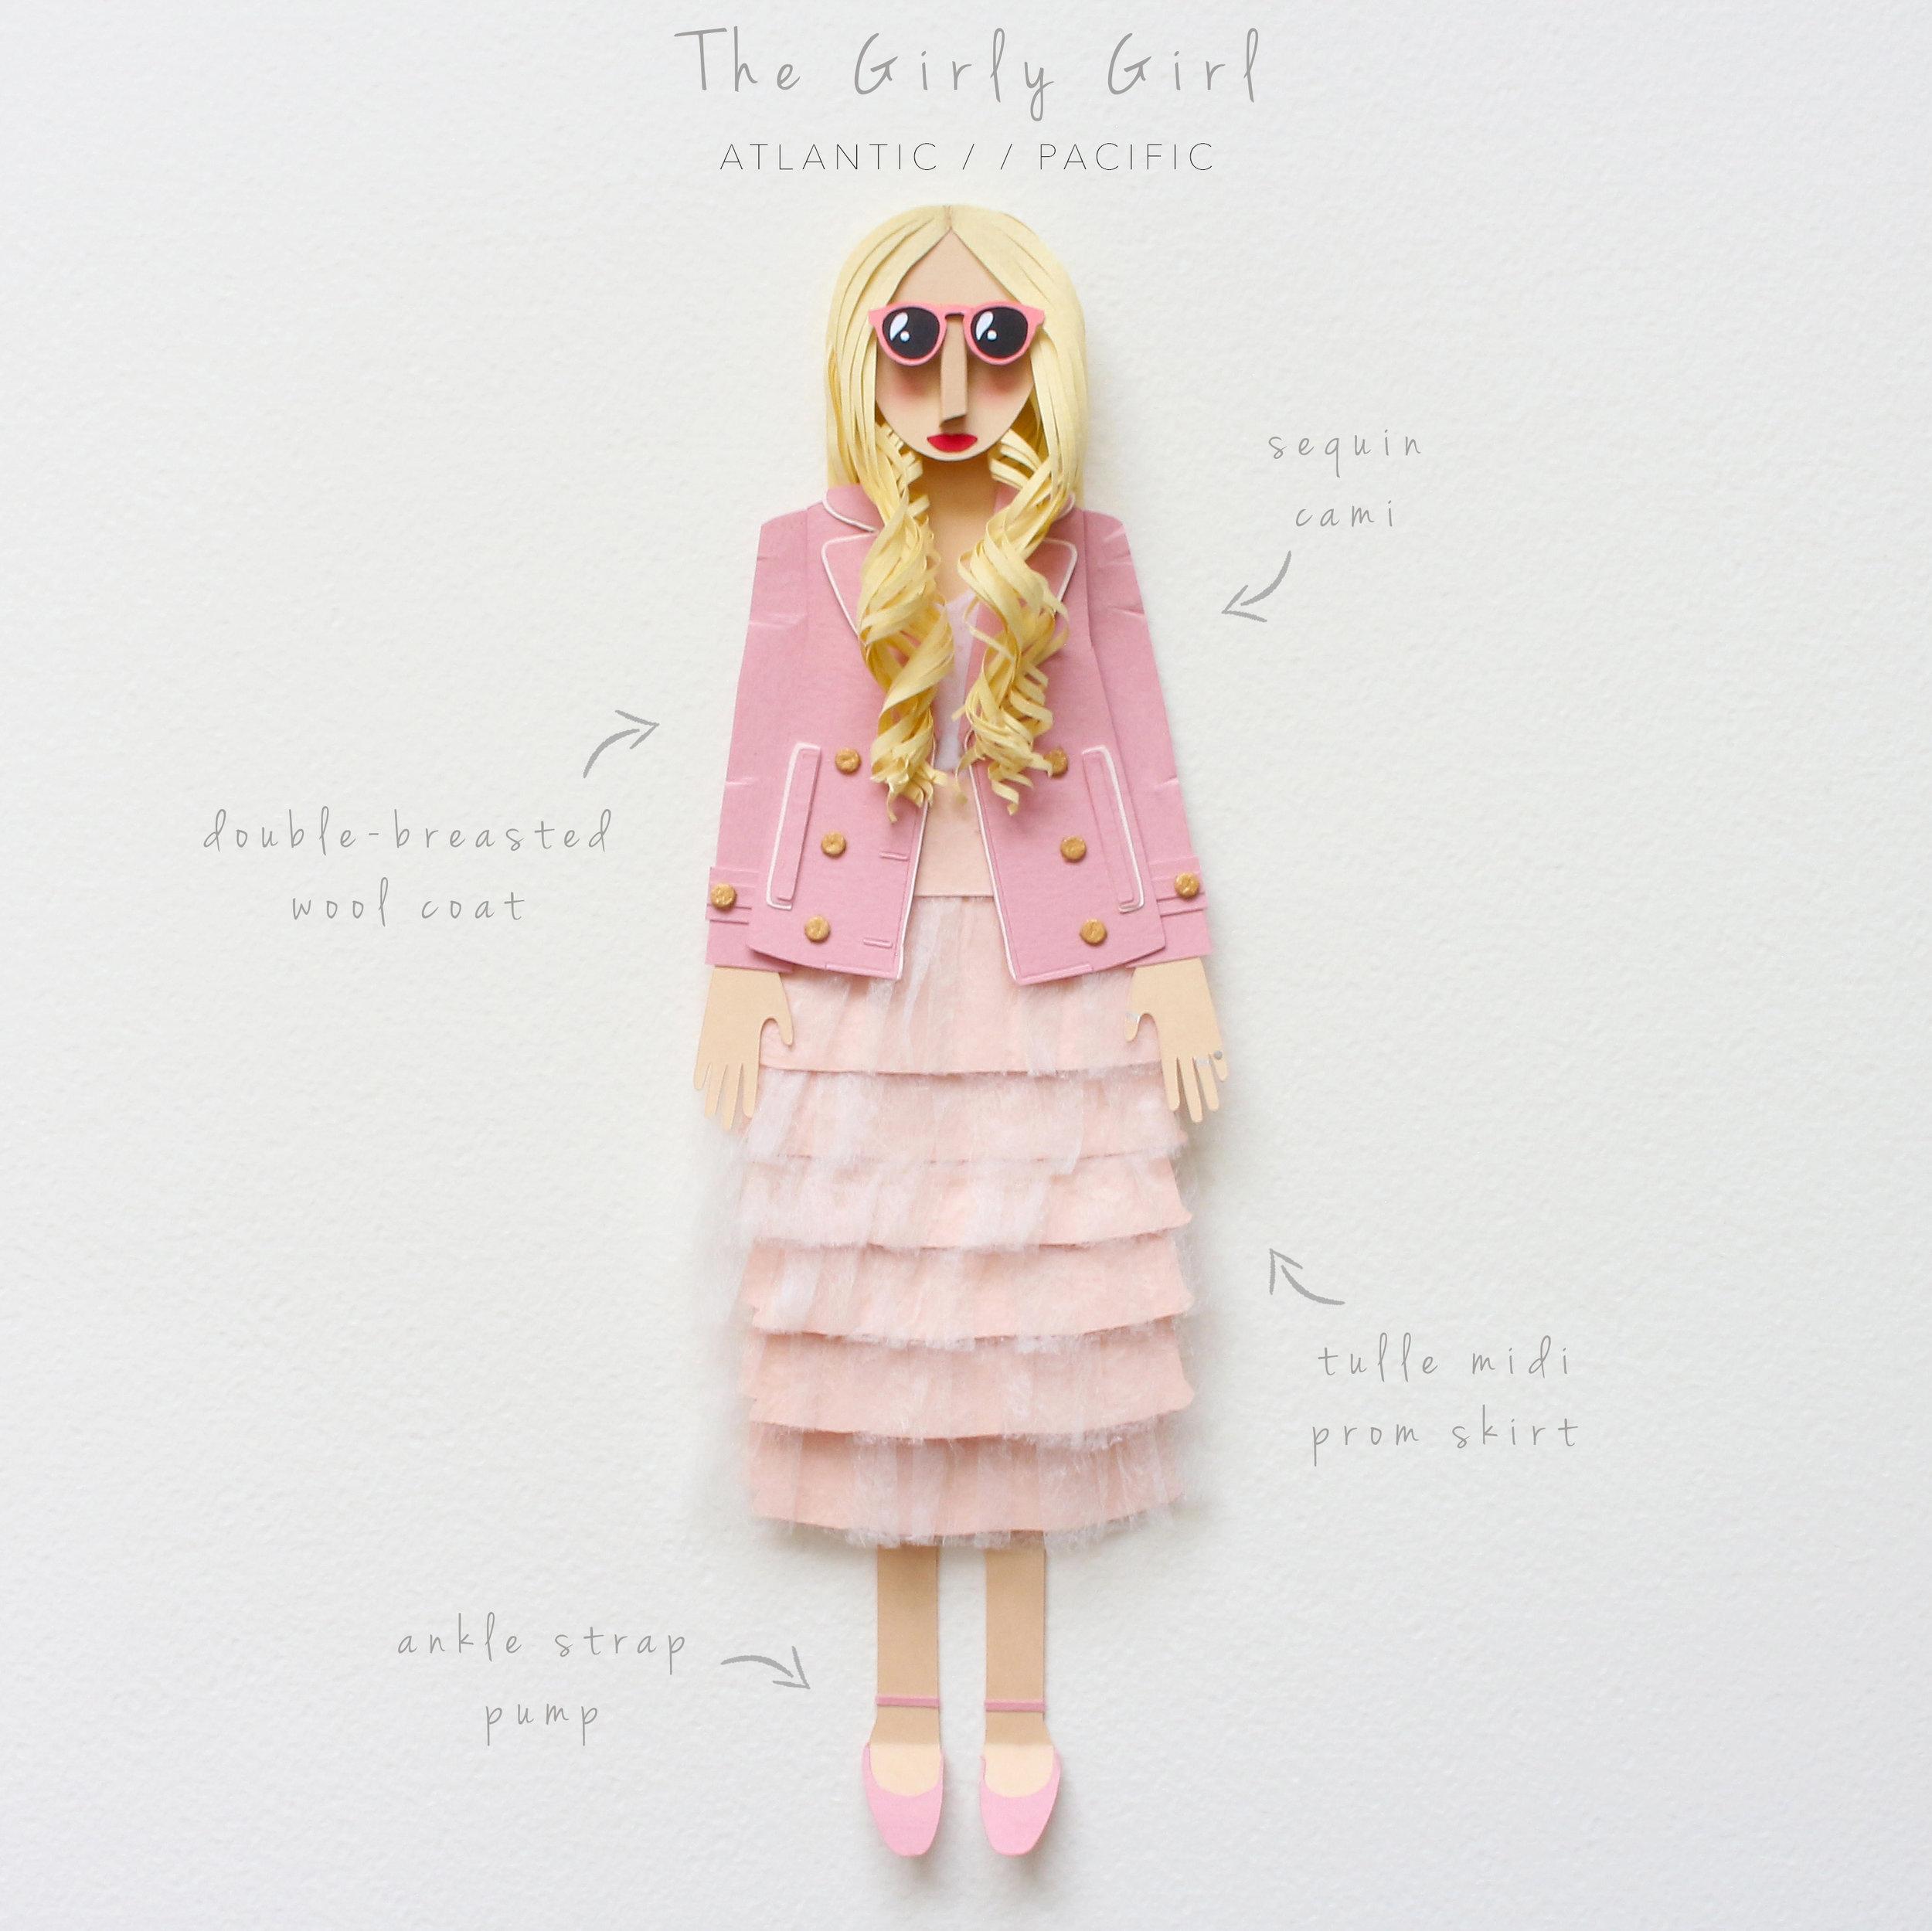 the girly girl.jpg